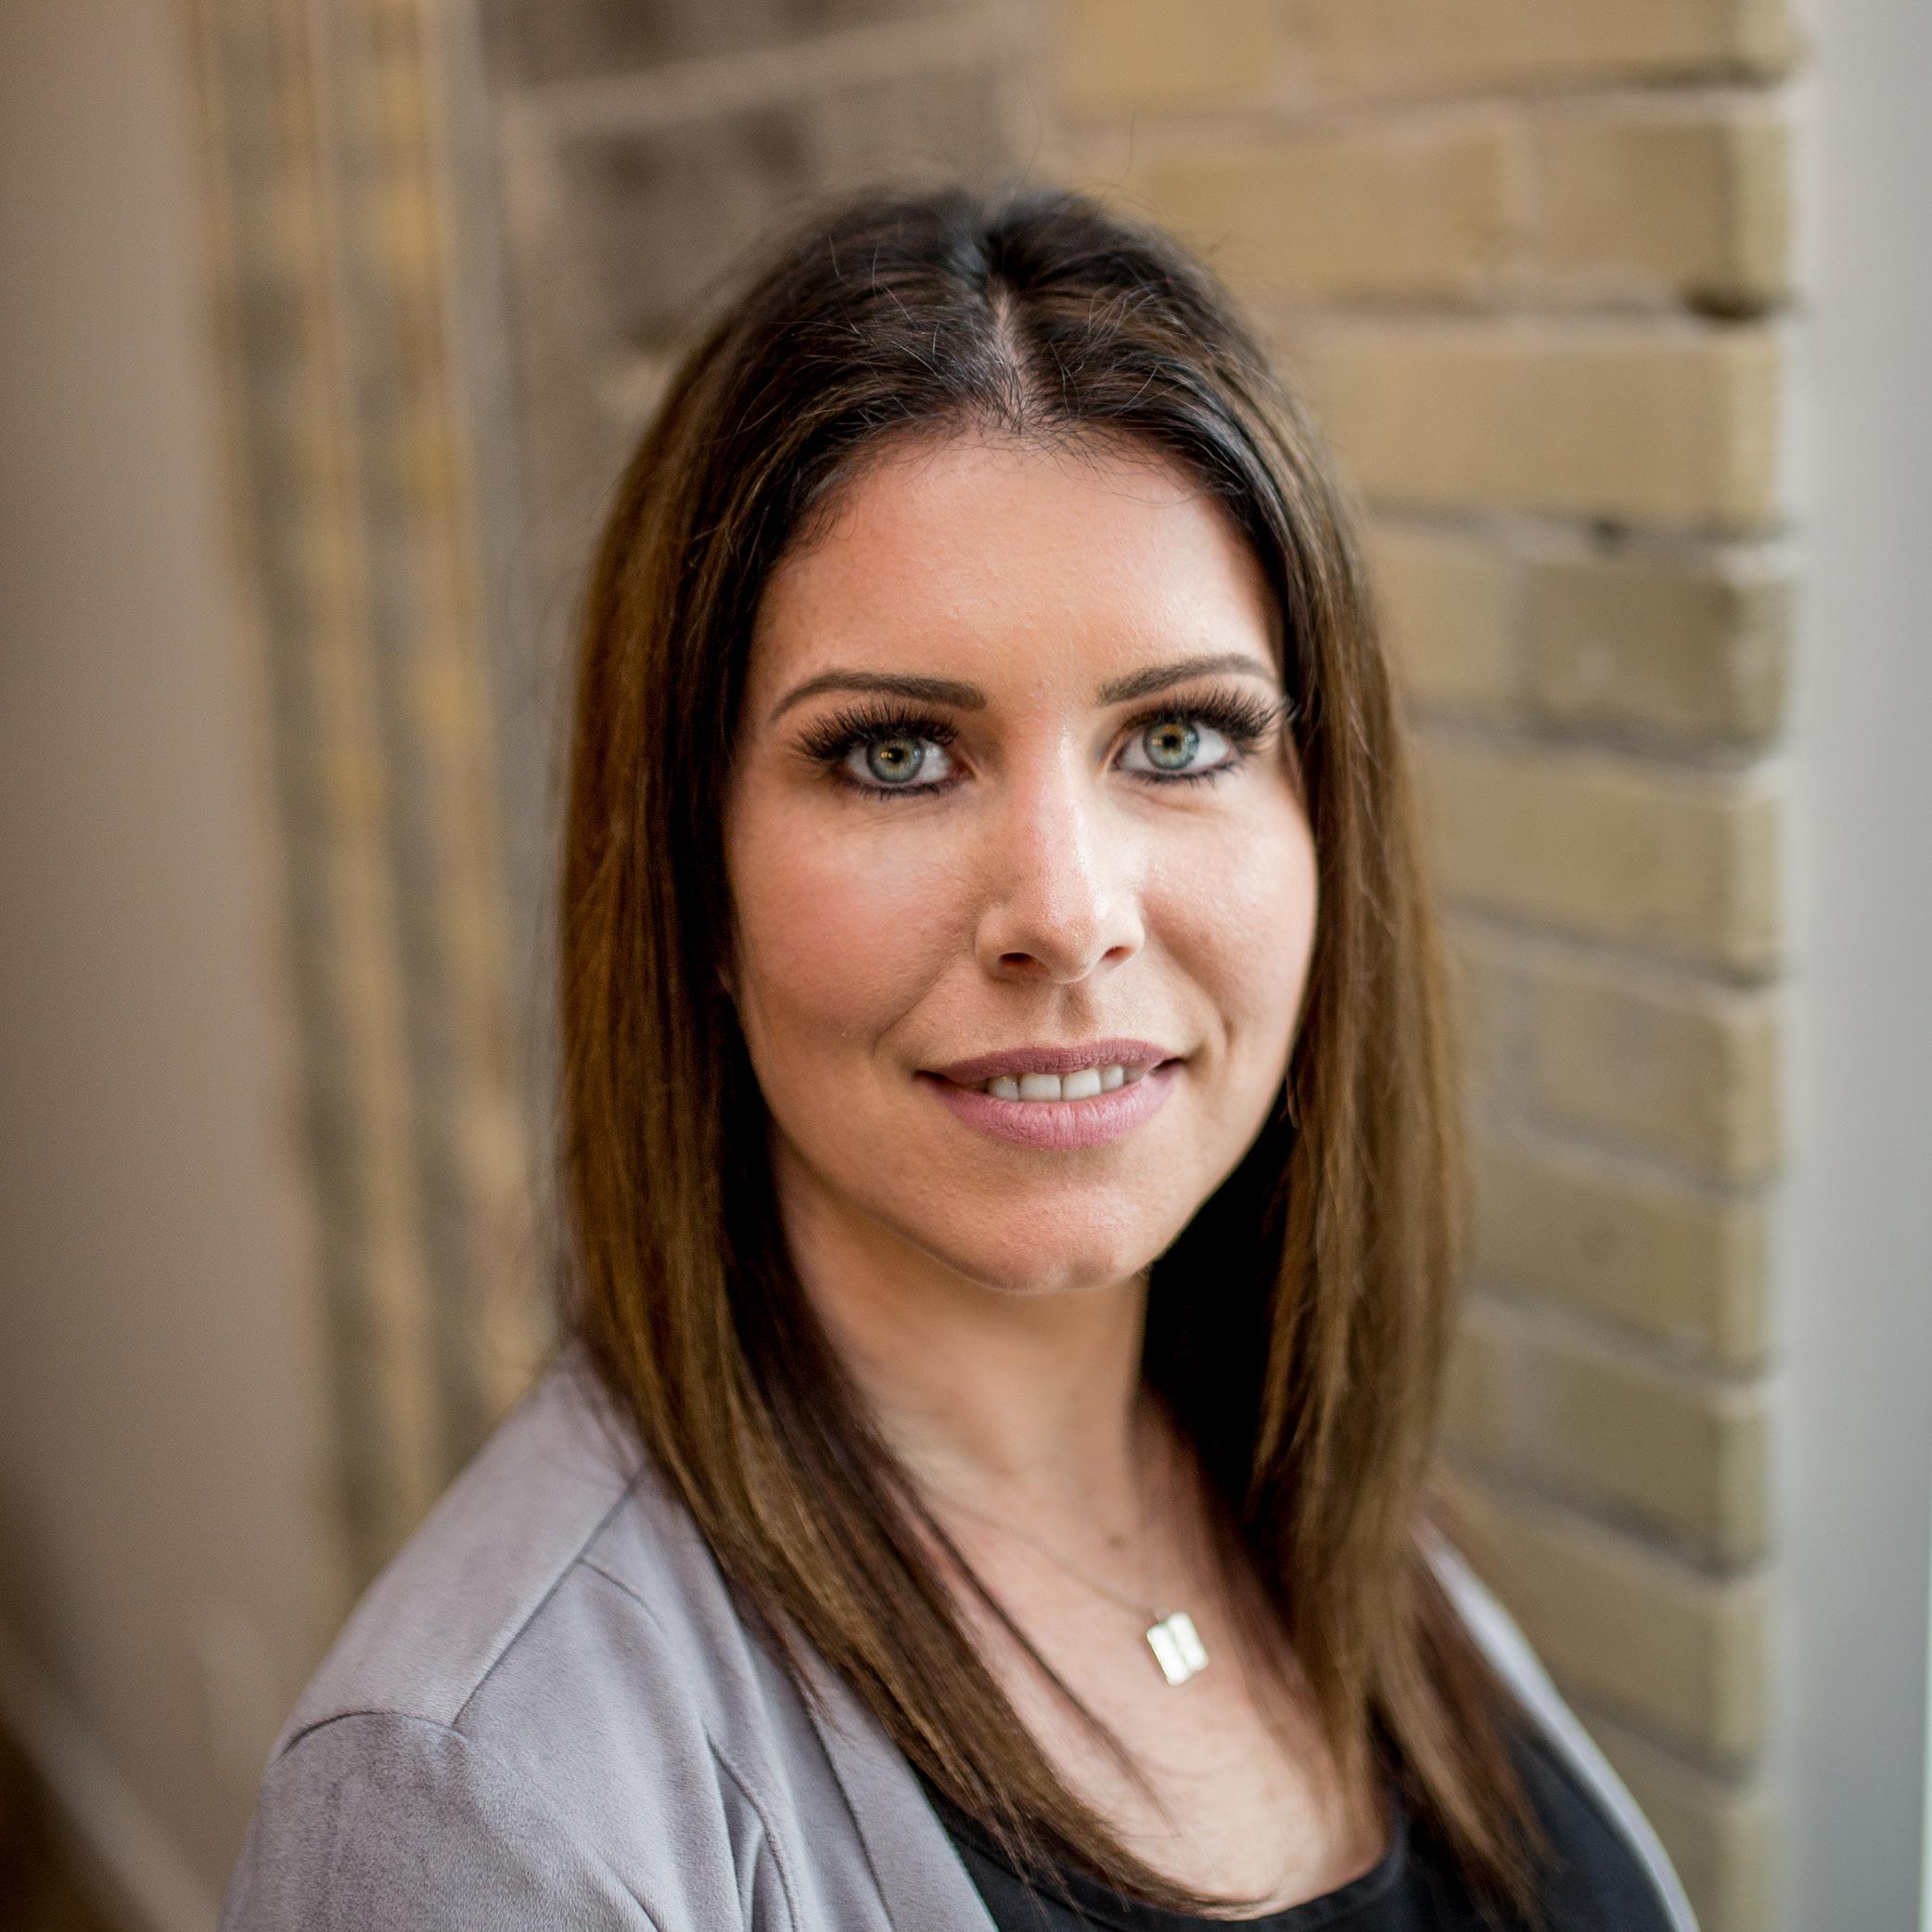 Michelle Hojan